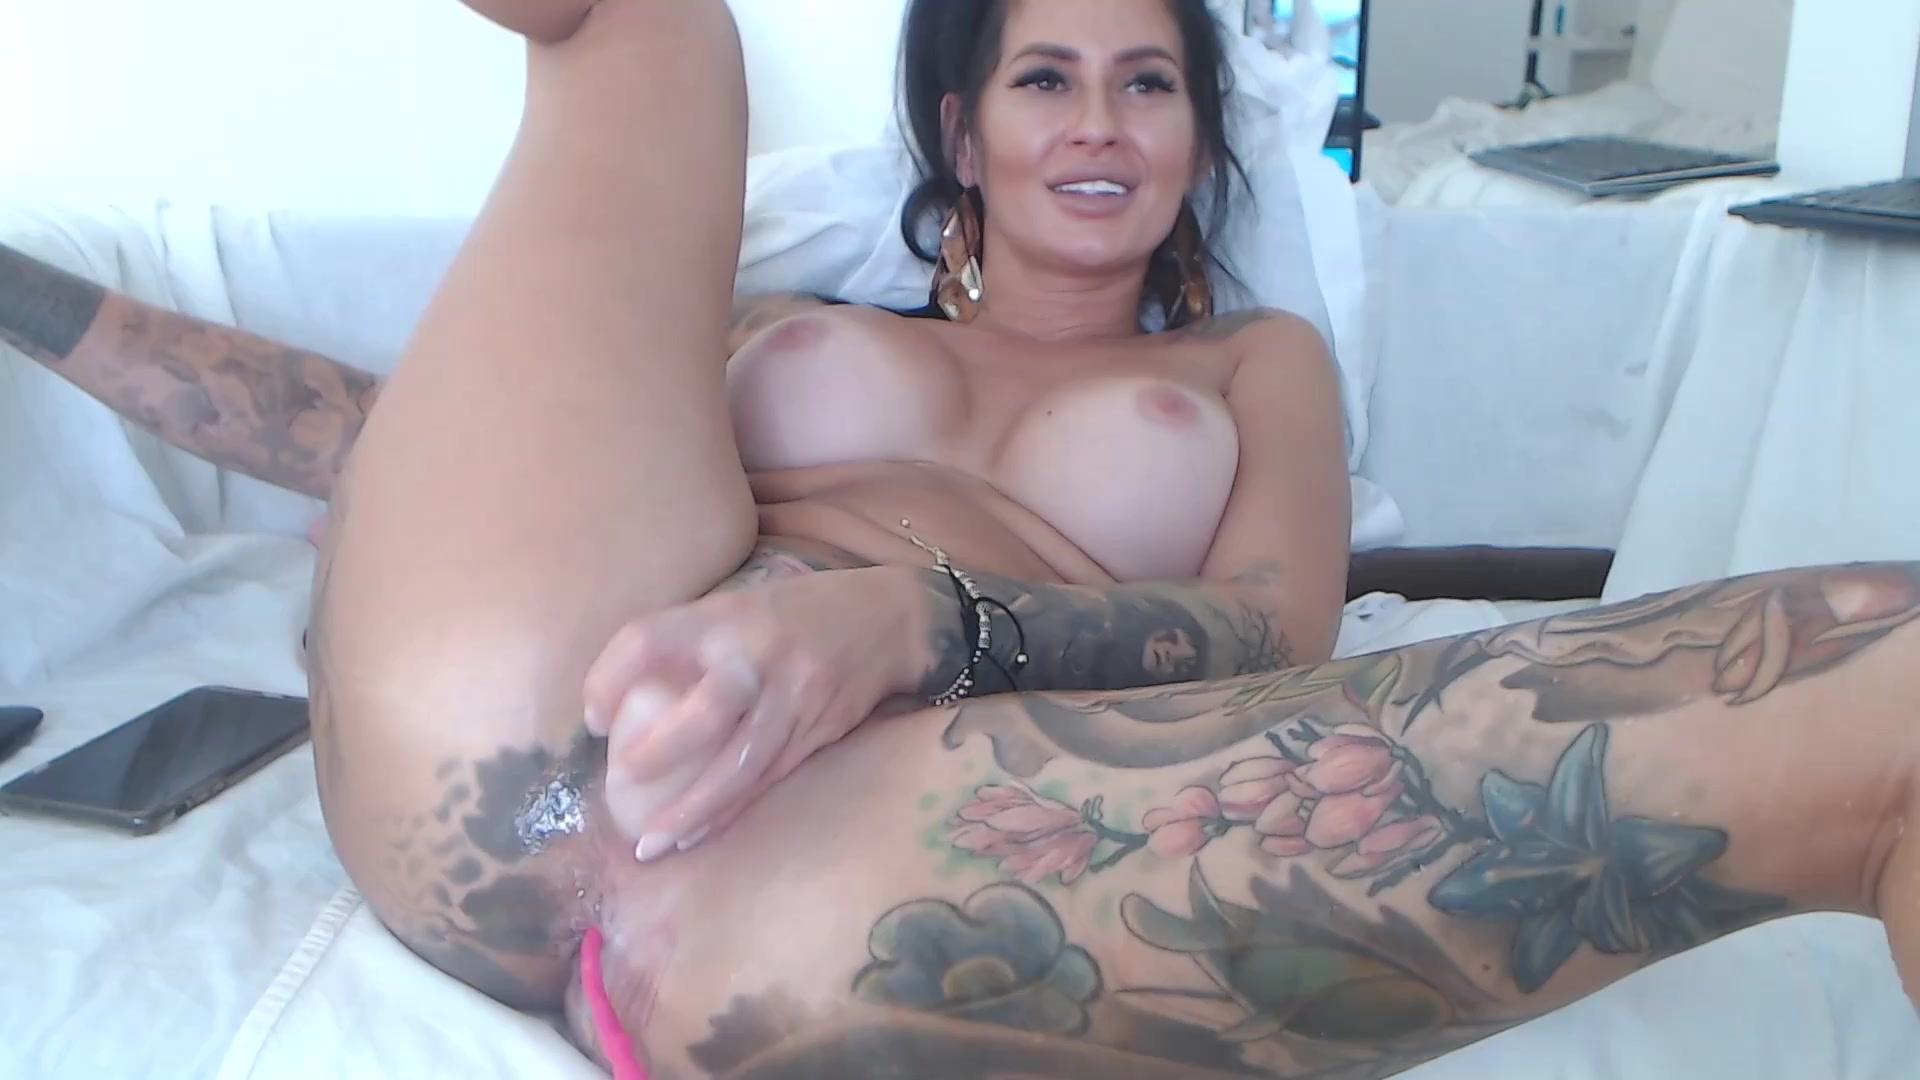 Big Tits Pornstar Dildo